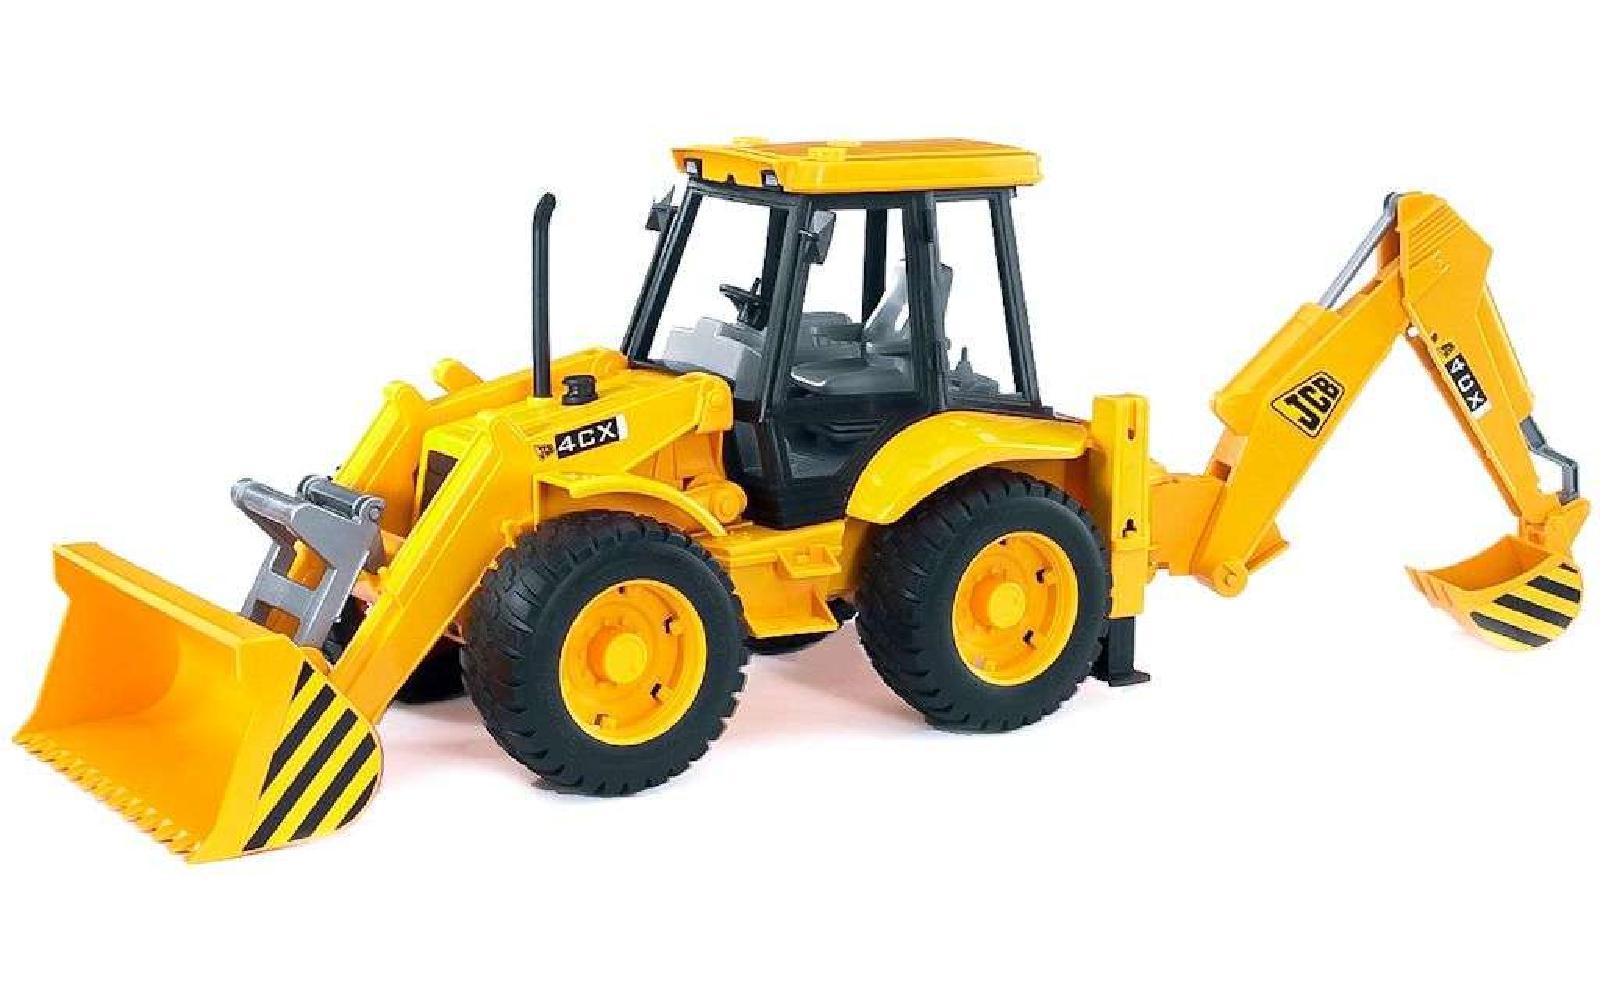 Bruder Toys 02428 Pro Series Jcb 4cx C W Loader Backhoe Tractor